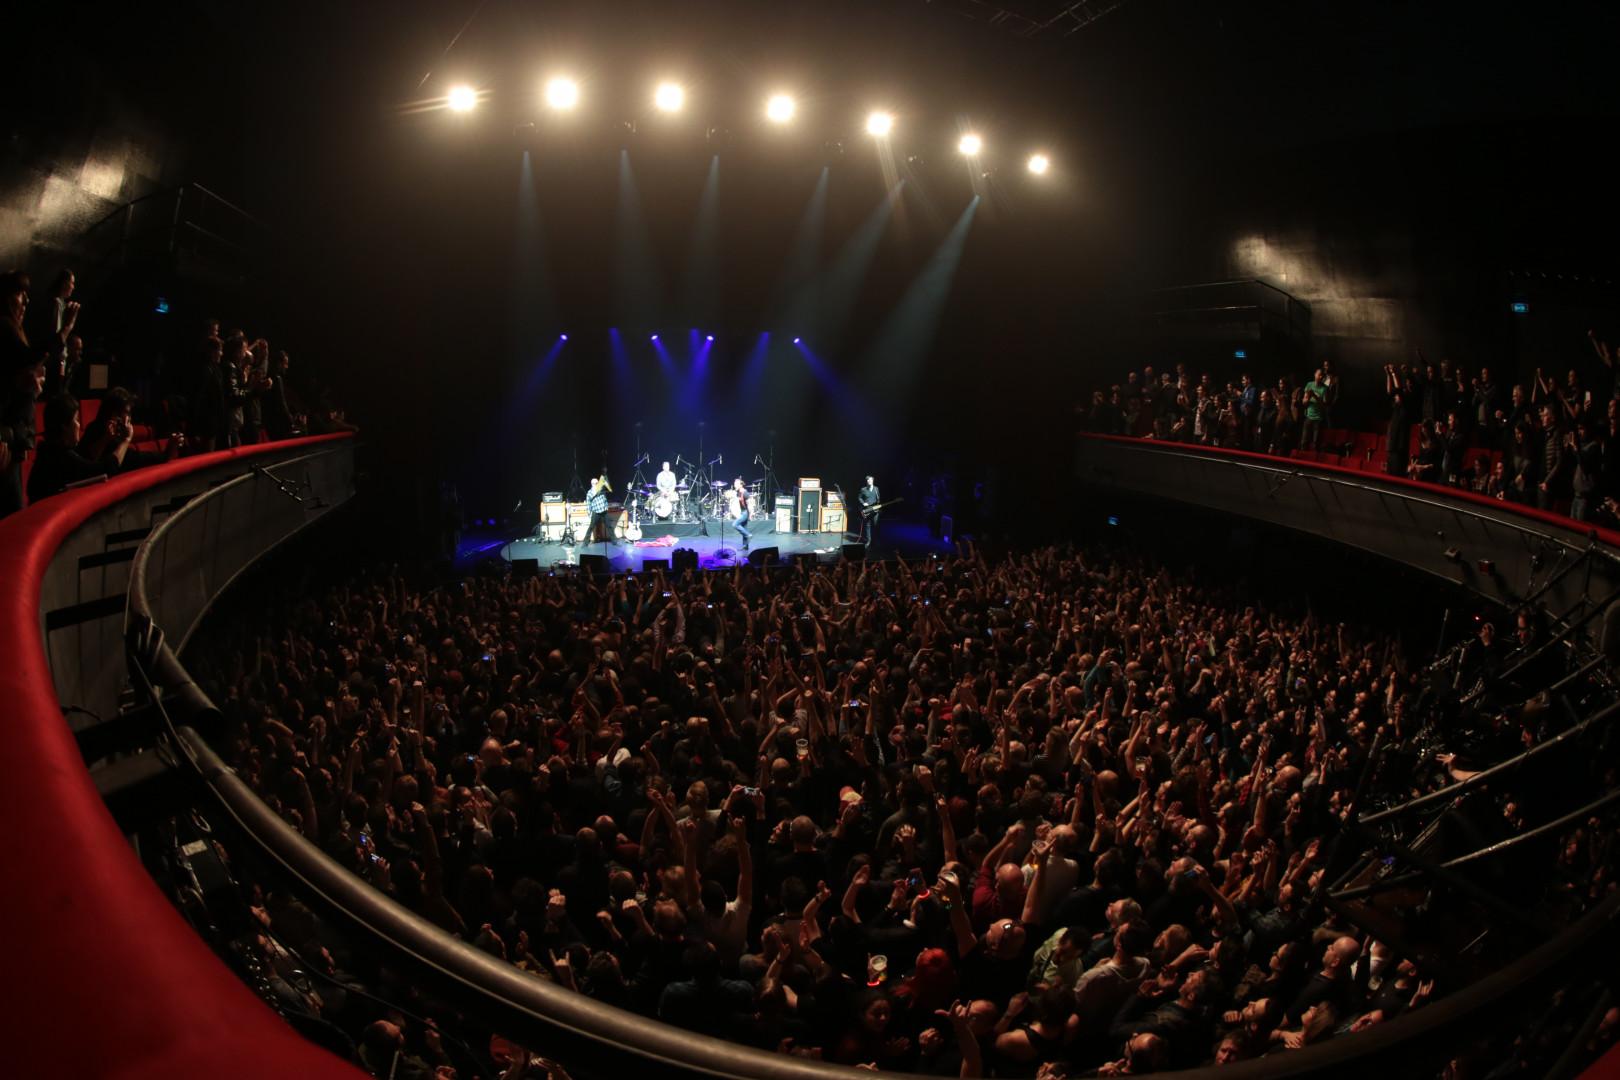 La salle de l'Olympia était comble pour accueillir Eagles of Death Metal